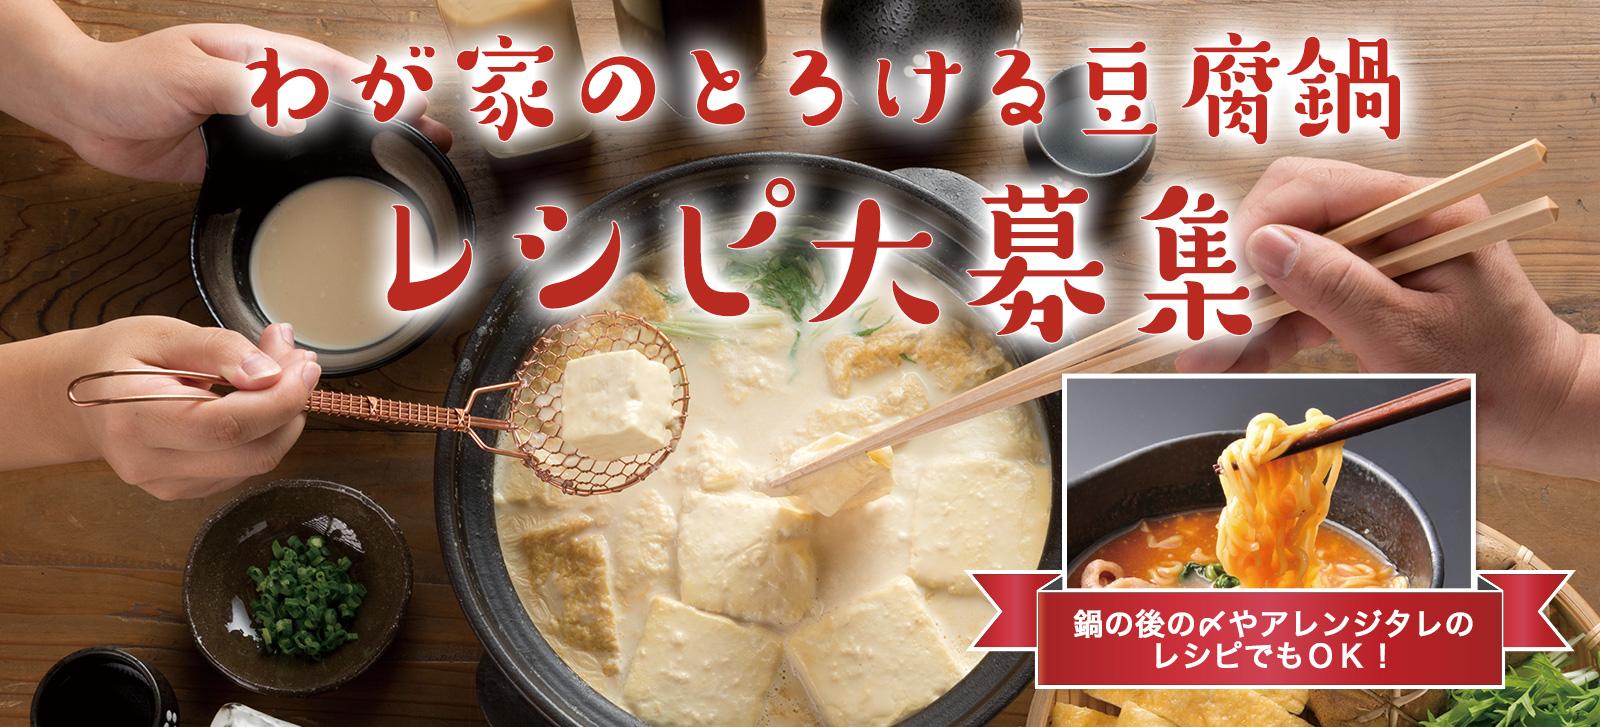 【キャンペーン】わが家のとろける豆腐鍋レシピ大募集